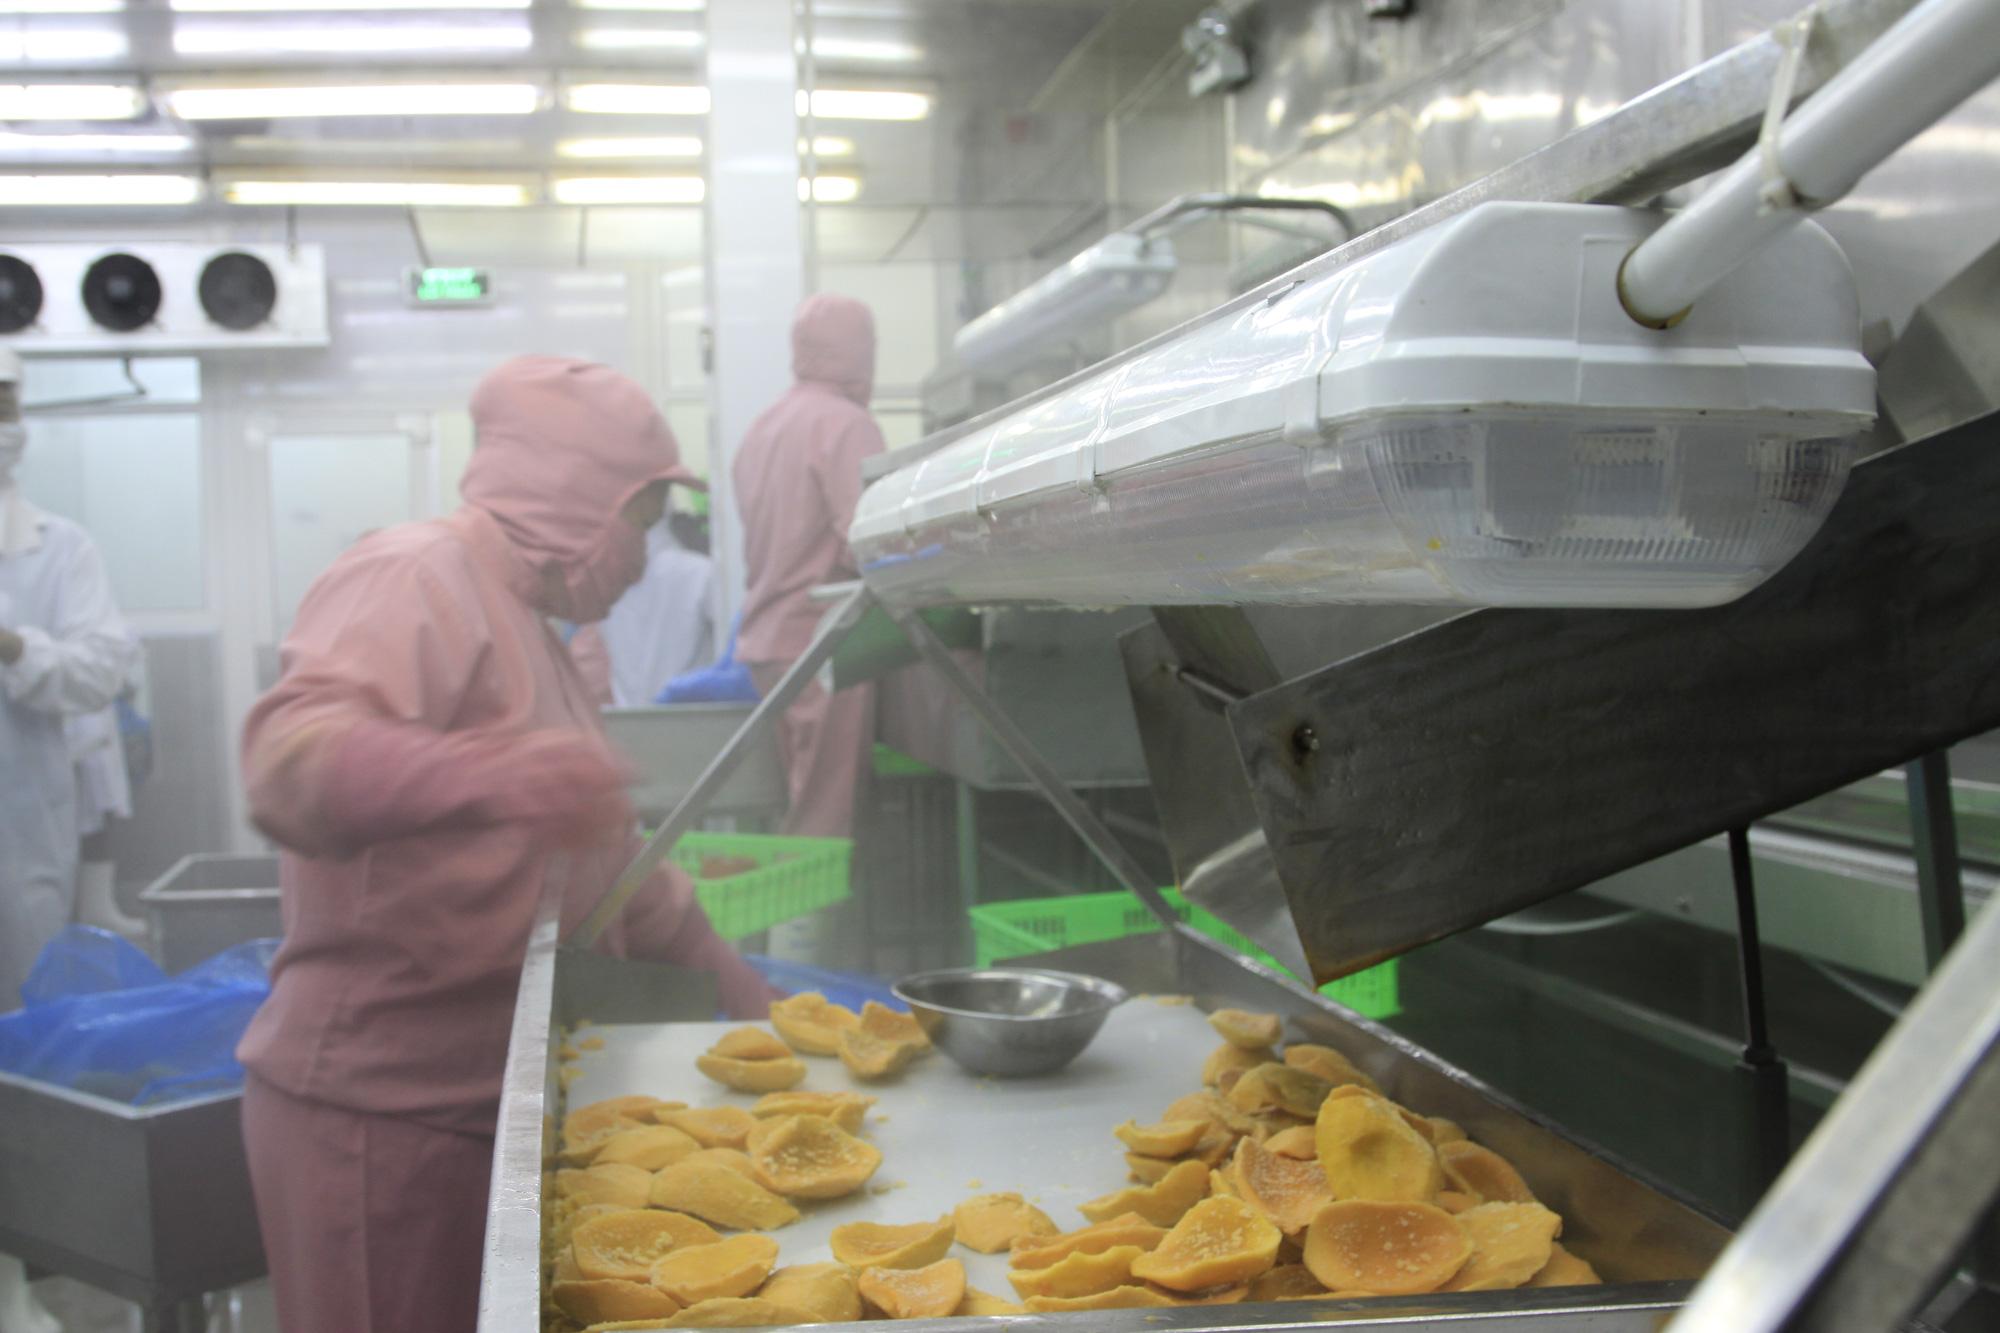 Trung Quốc đột nhiên mua nhiều trái cây của Việt Nam, loại quả nào được mua nhiều nhất? - Ảnh 2.